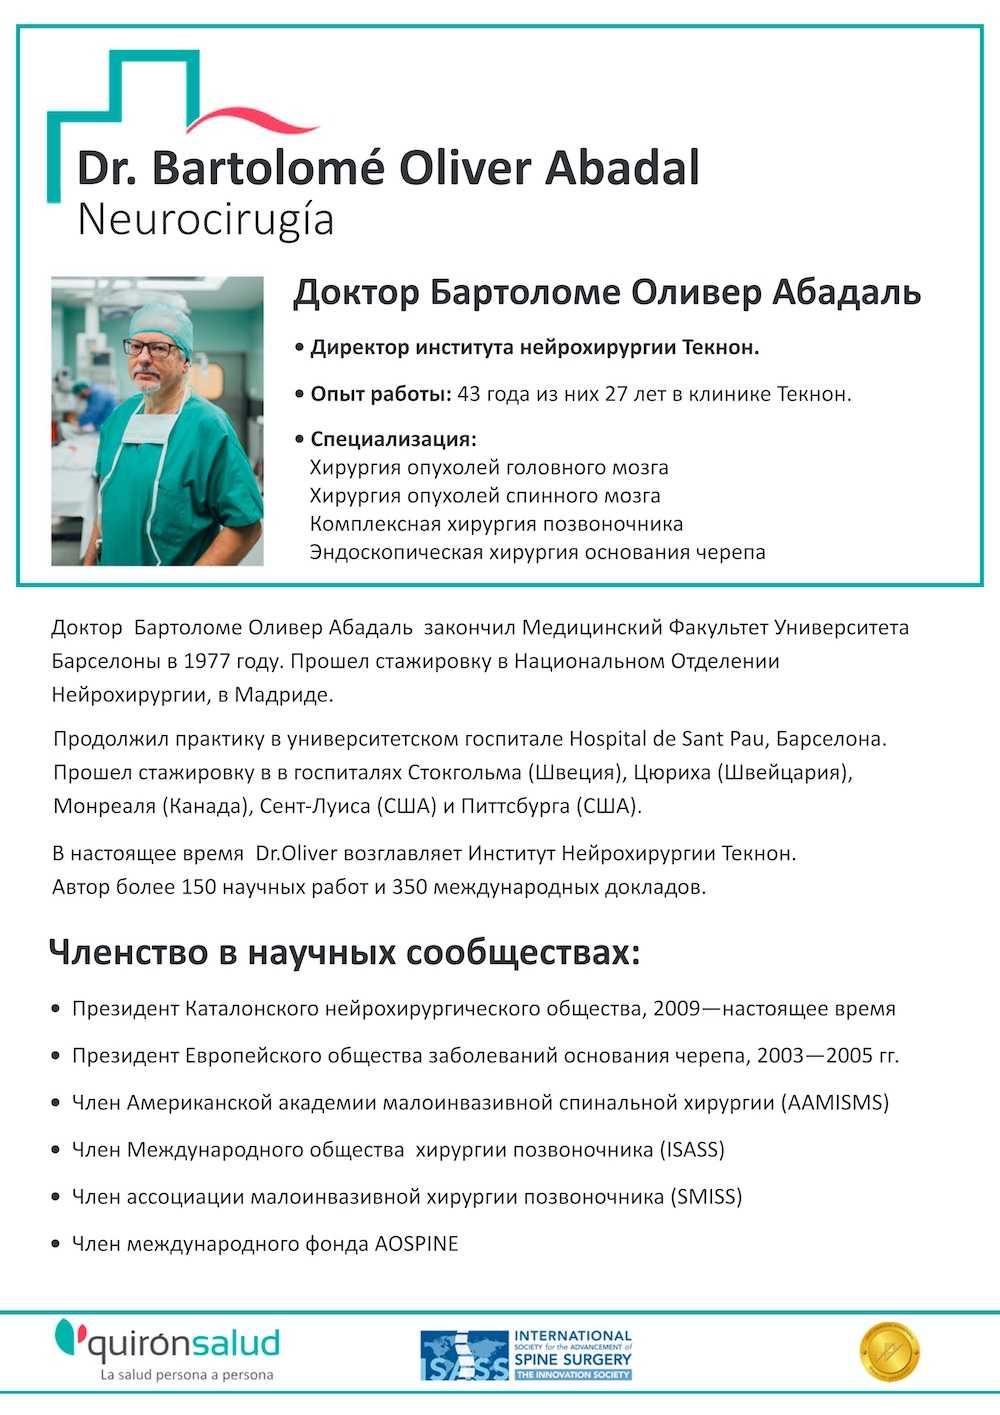 Нейрохирургия Испания